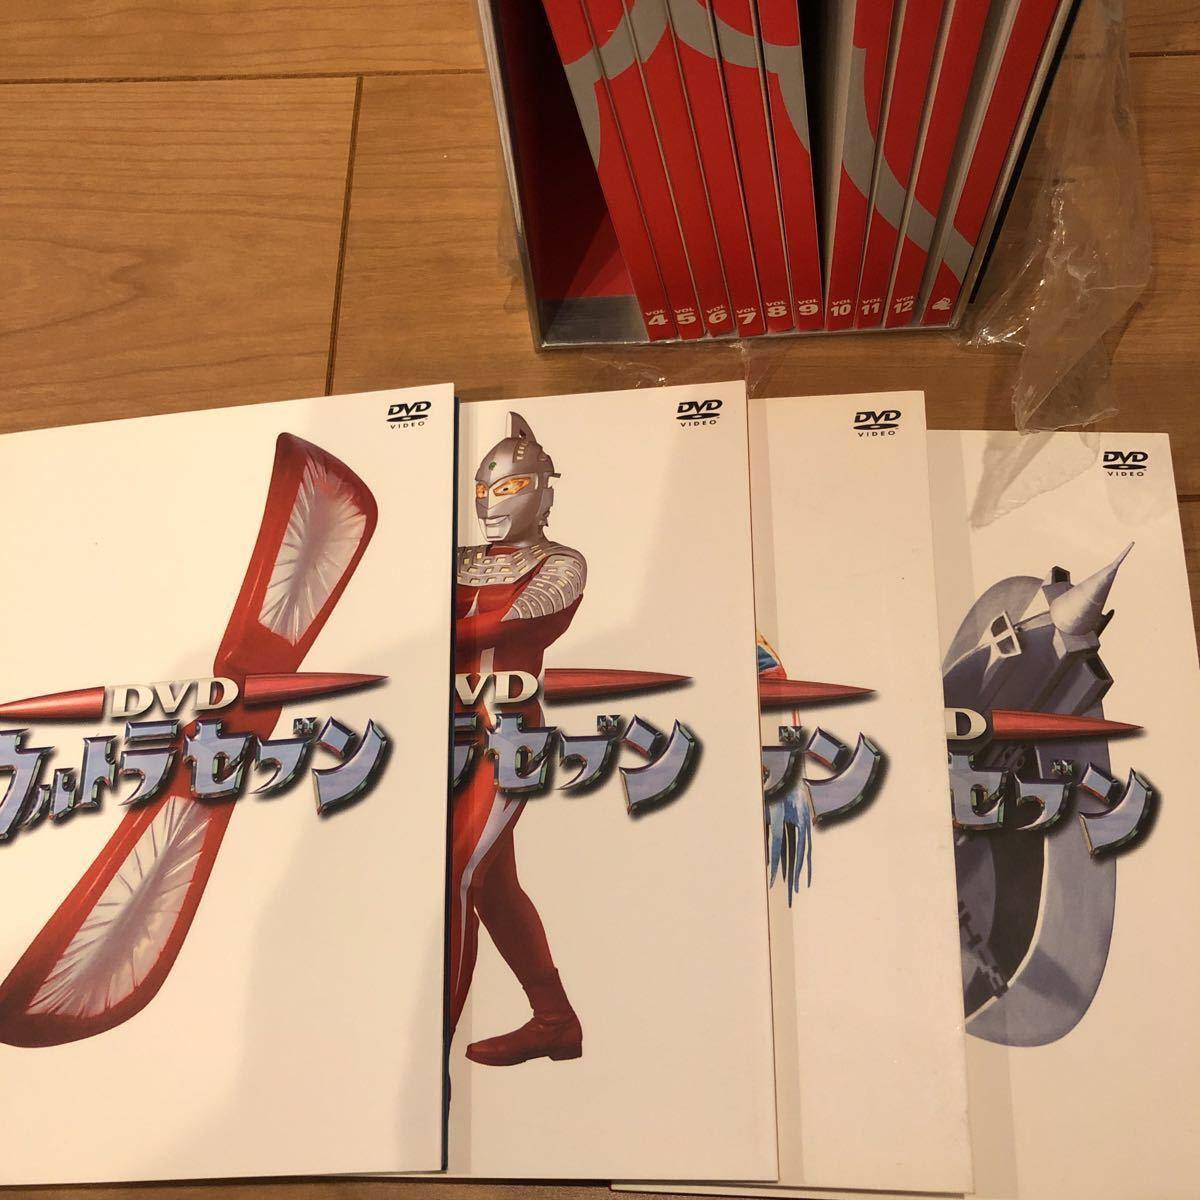 ウルトラセブン DVD BOX 初回生産限定版 ほぼ新品_画像4